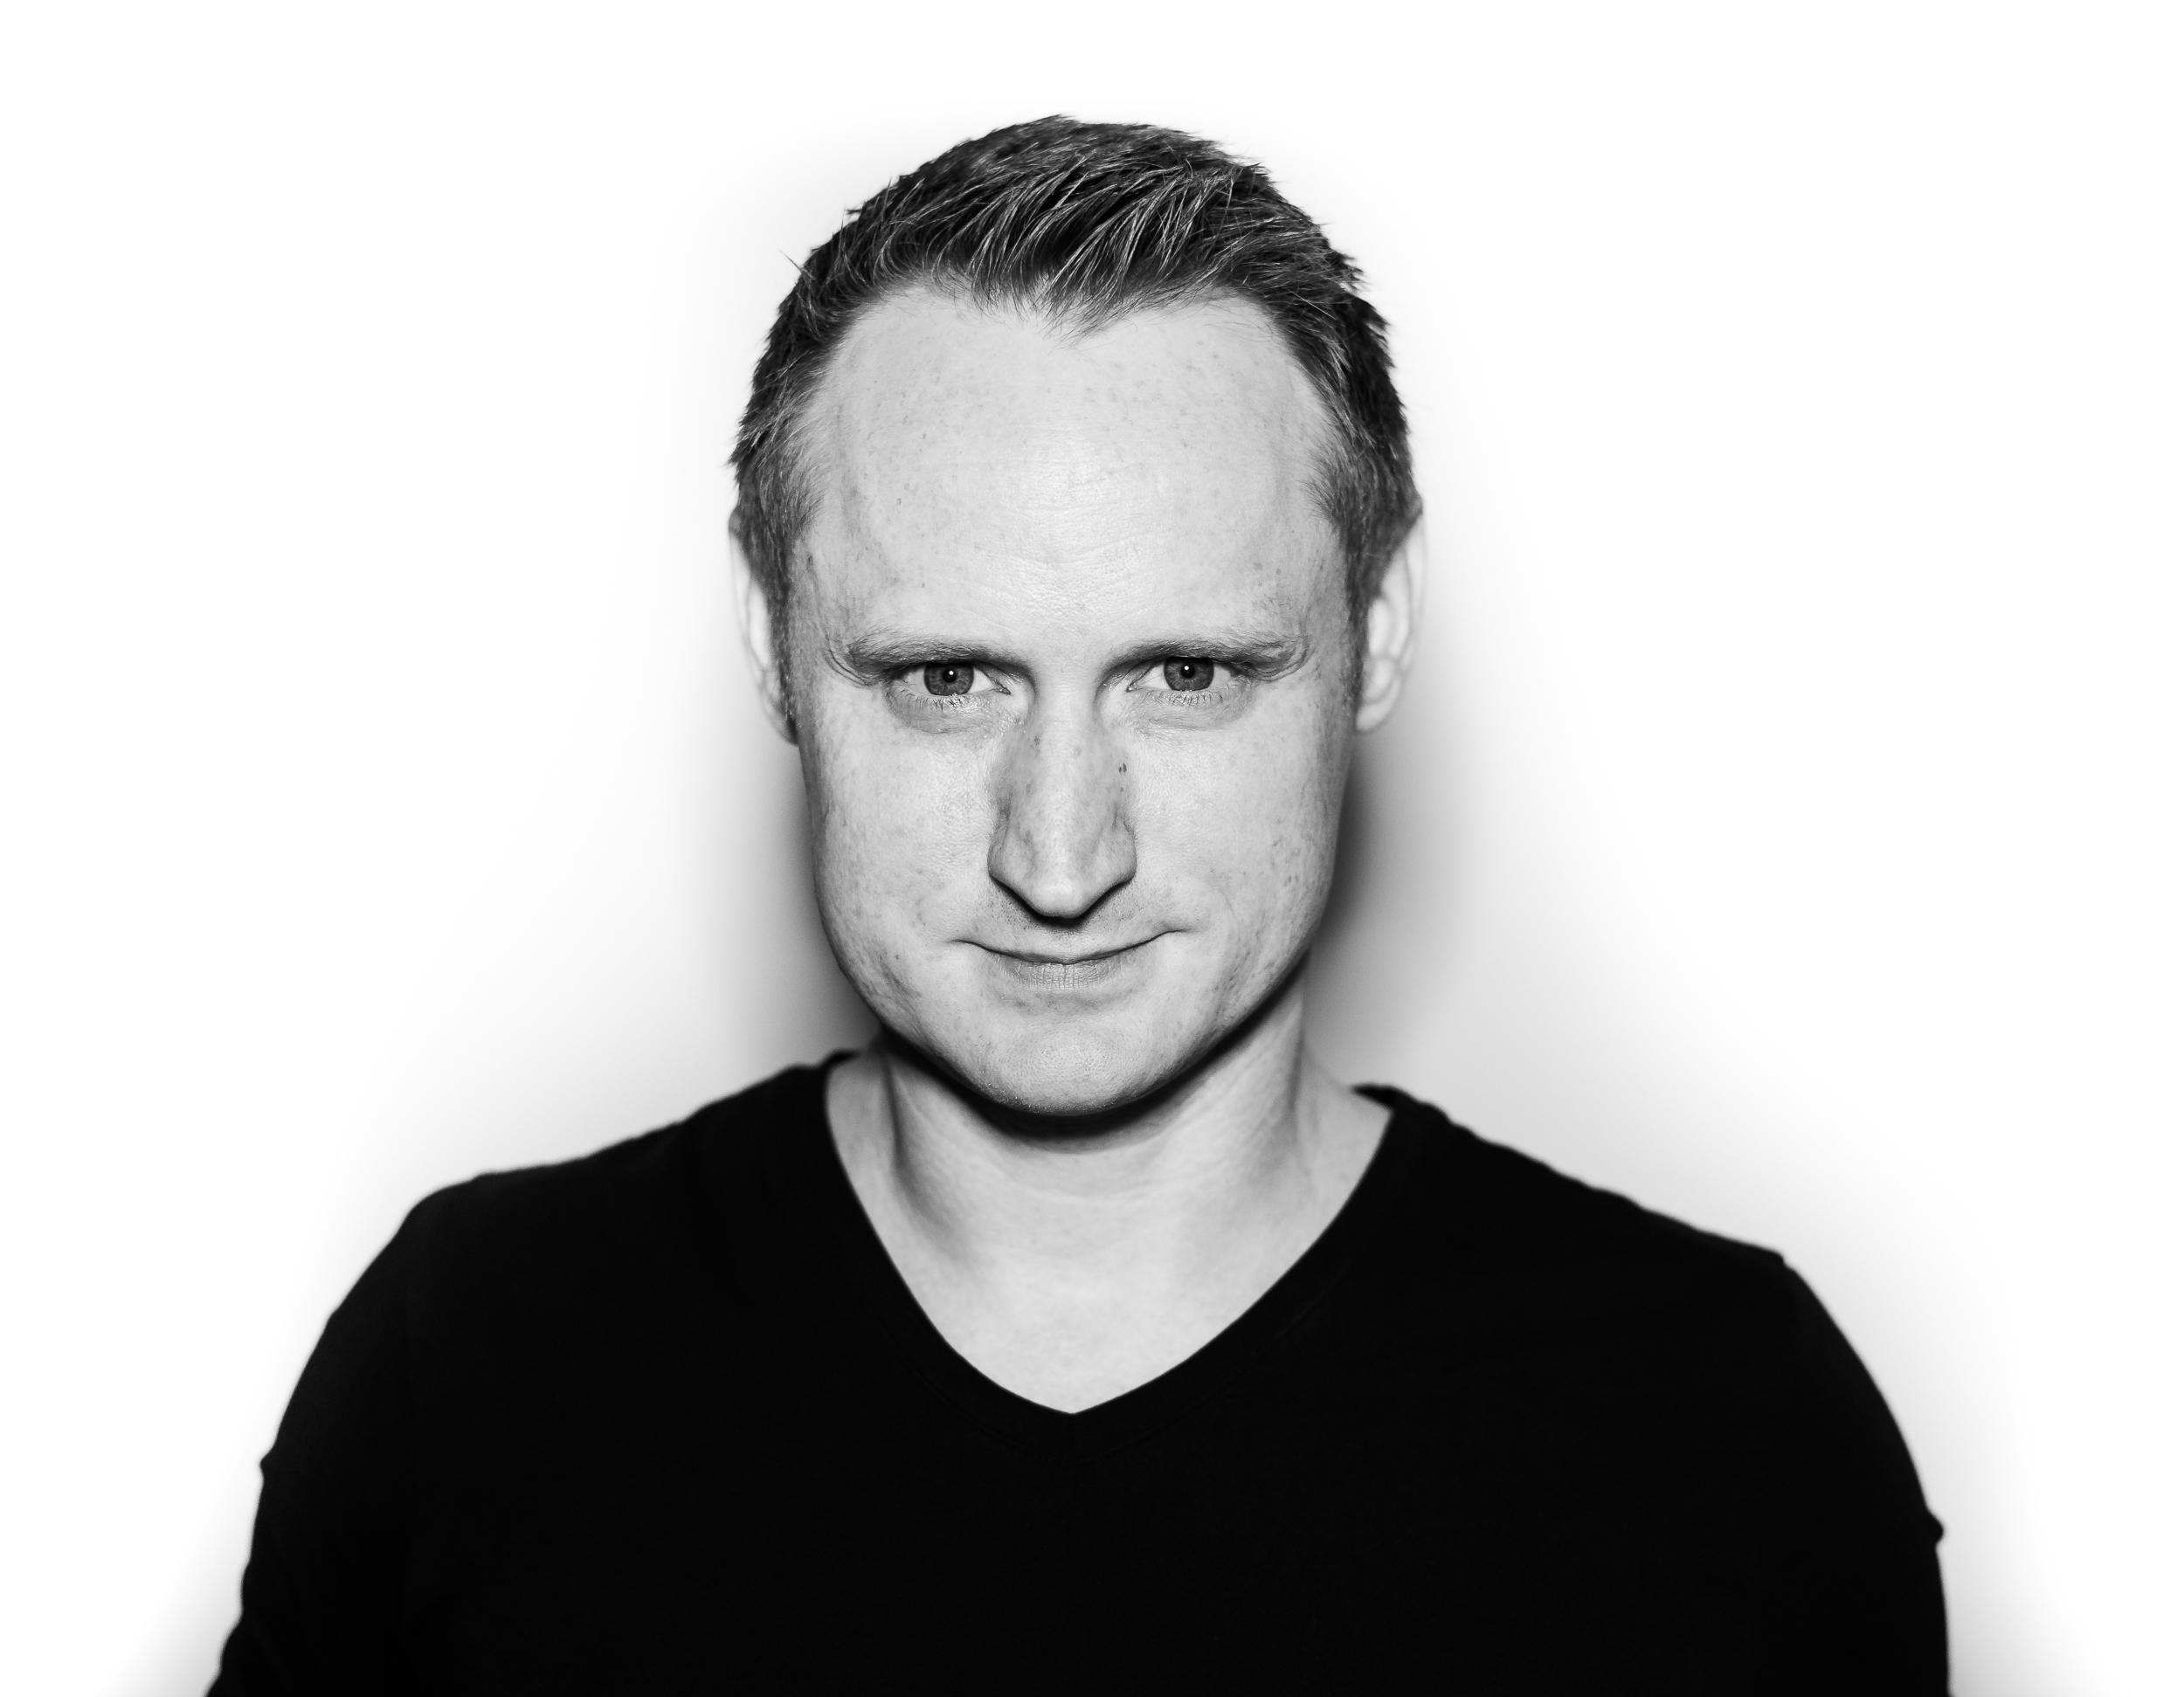 Maik Guthauser